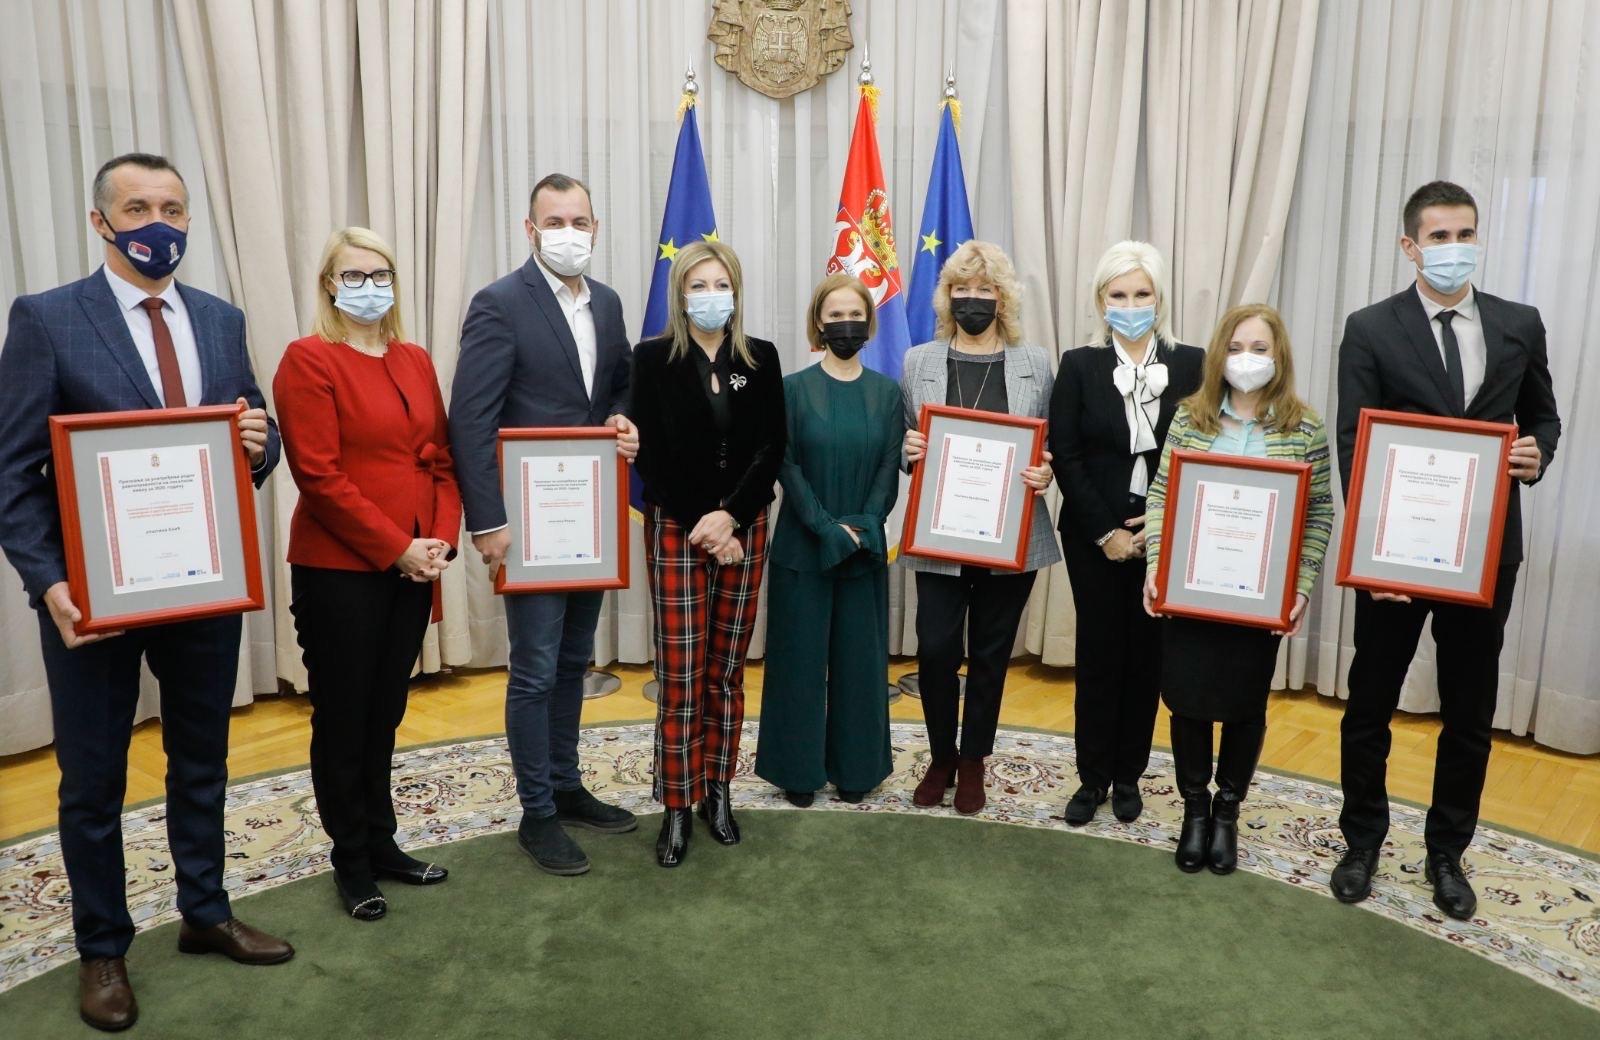 Ј. Јоксимовић: Жене у Србији активно укључене у политичко одлучивање на свим нивоима